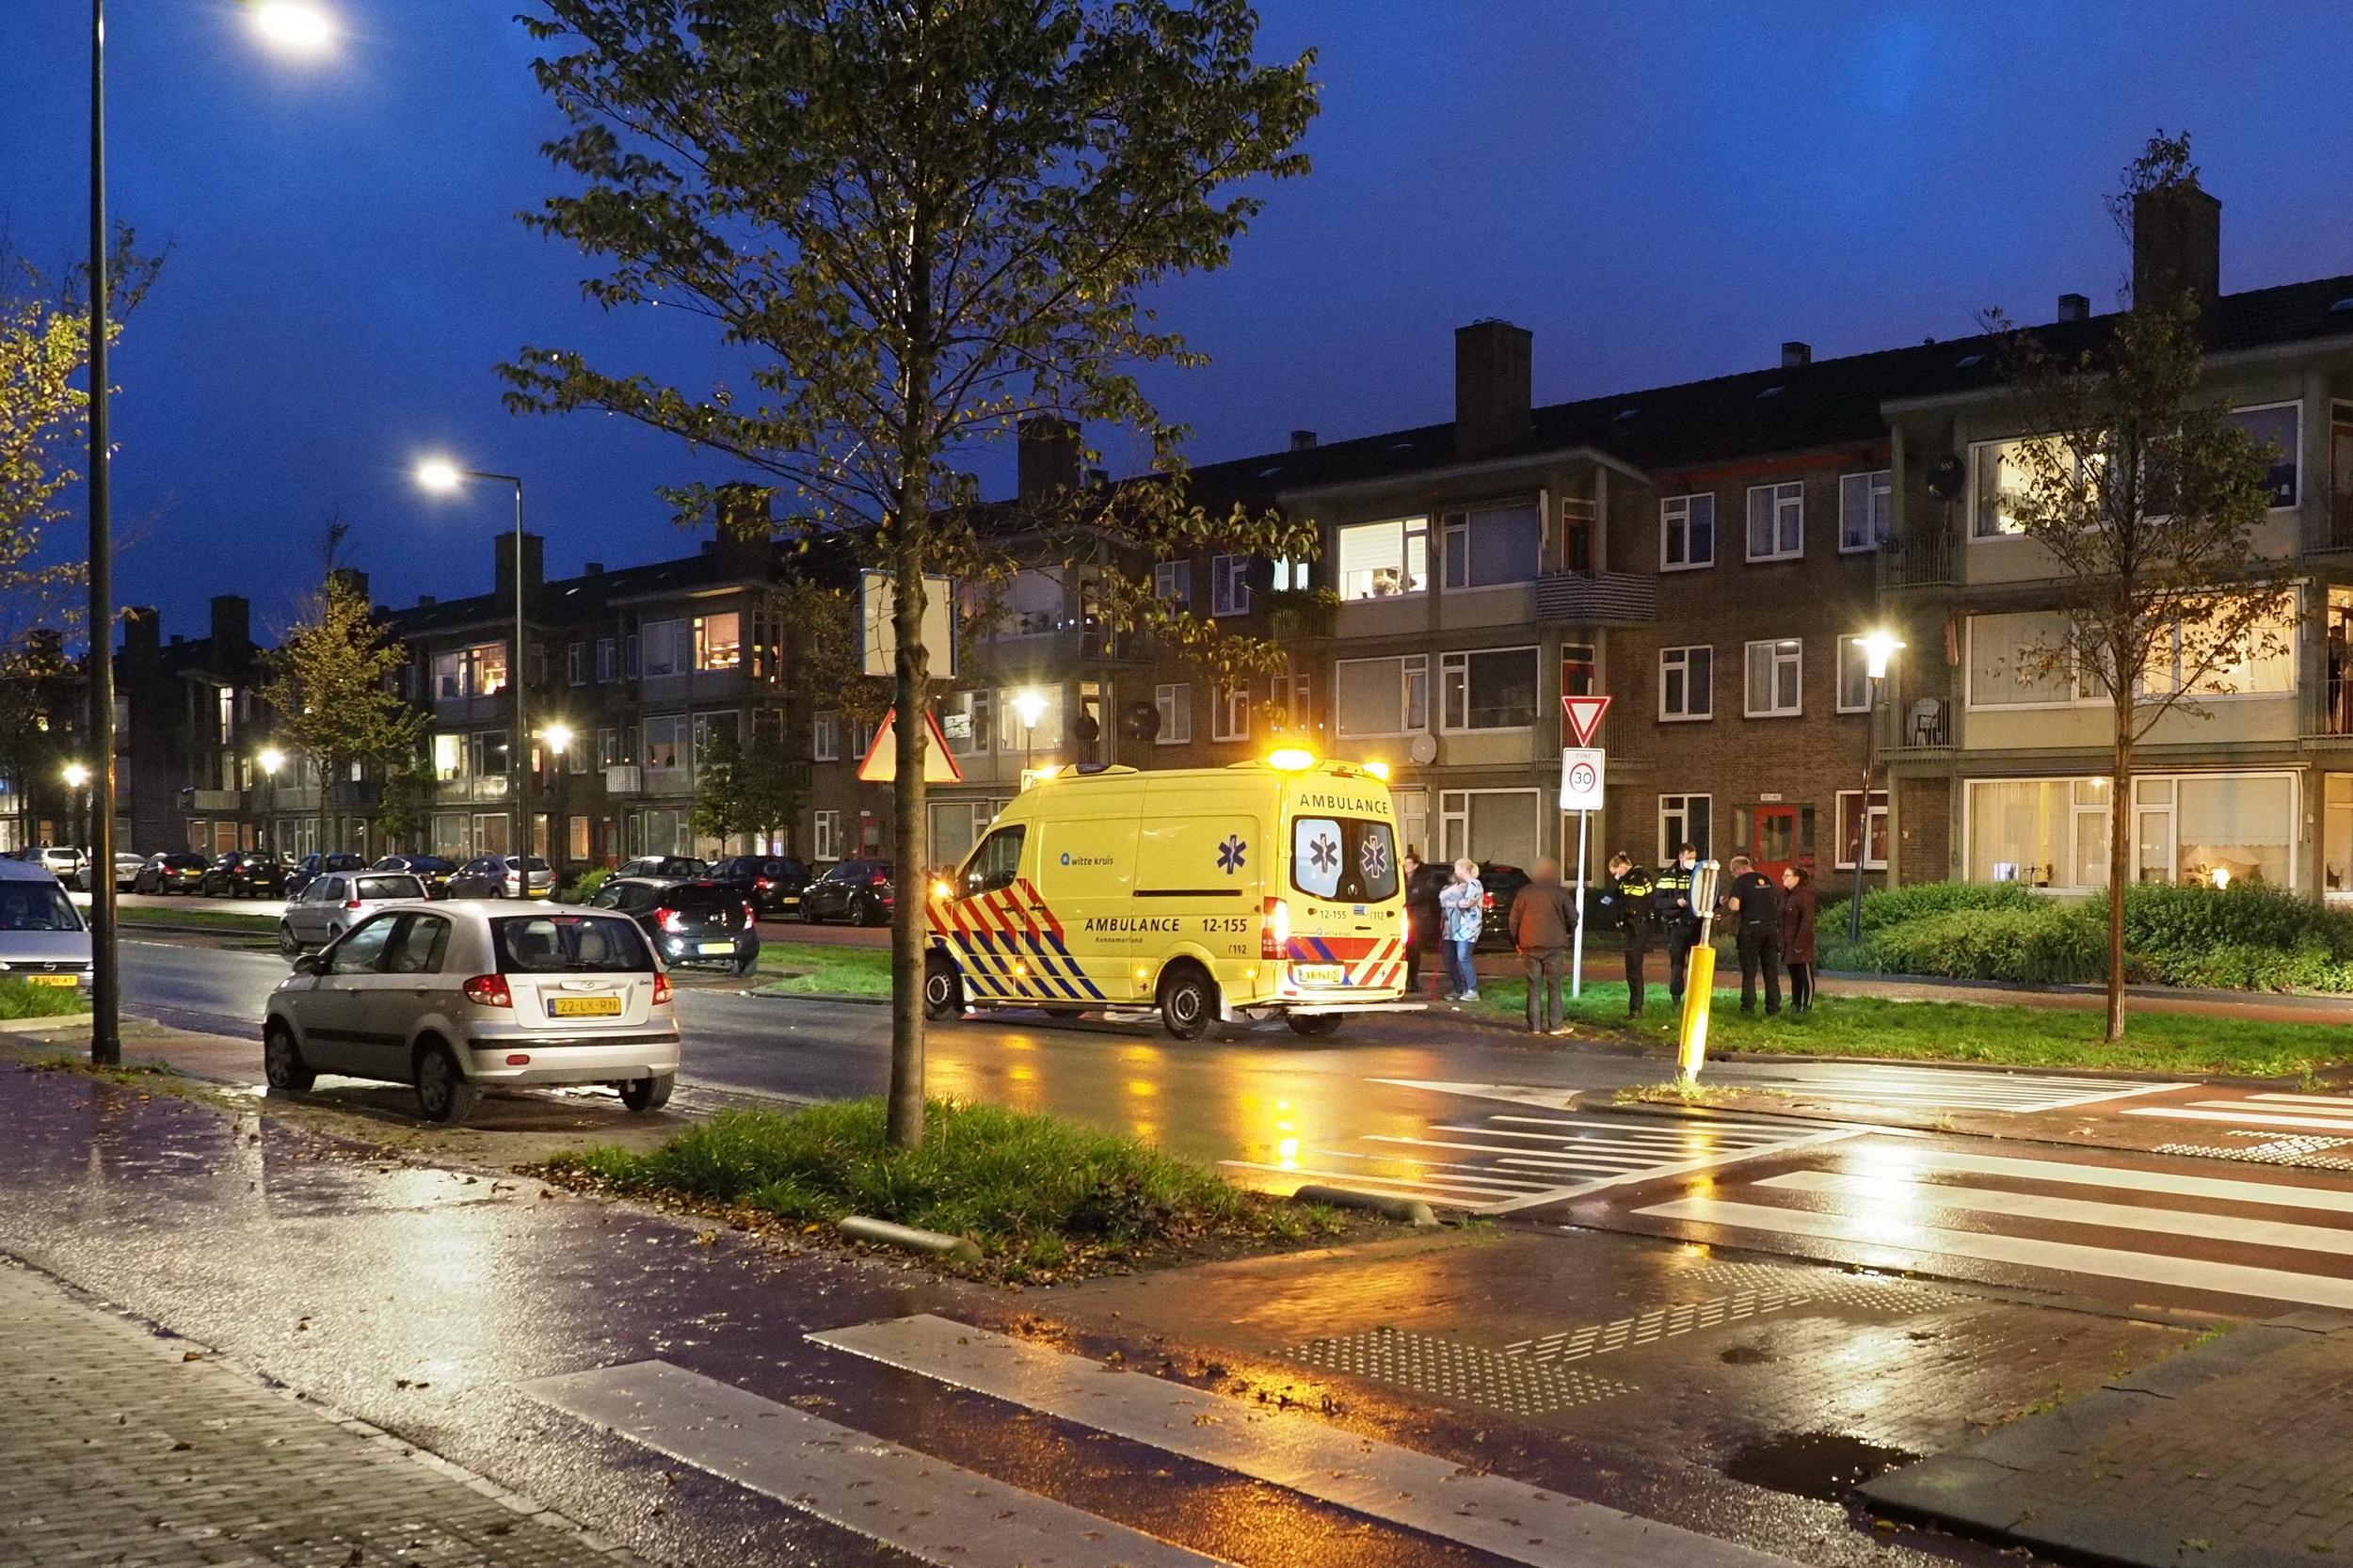 Vrouw op zebrapad door auto geschept in IJmuiden